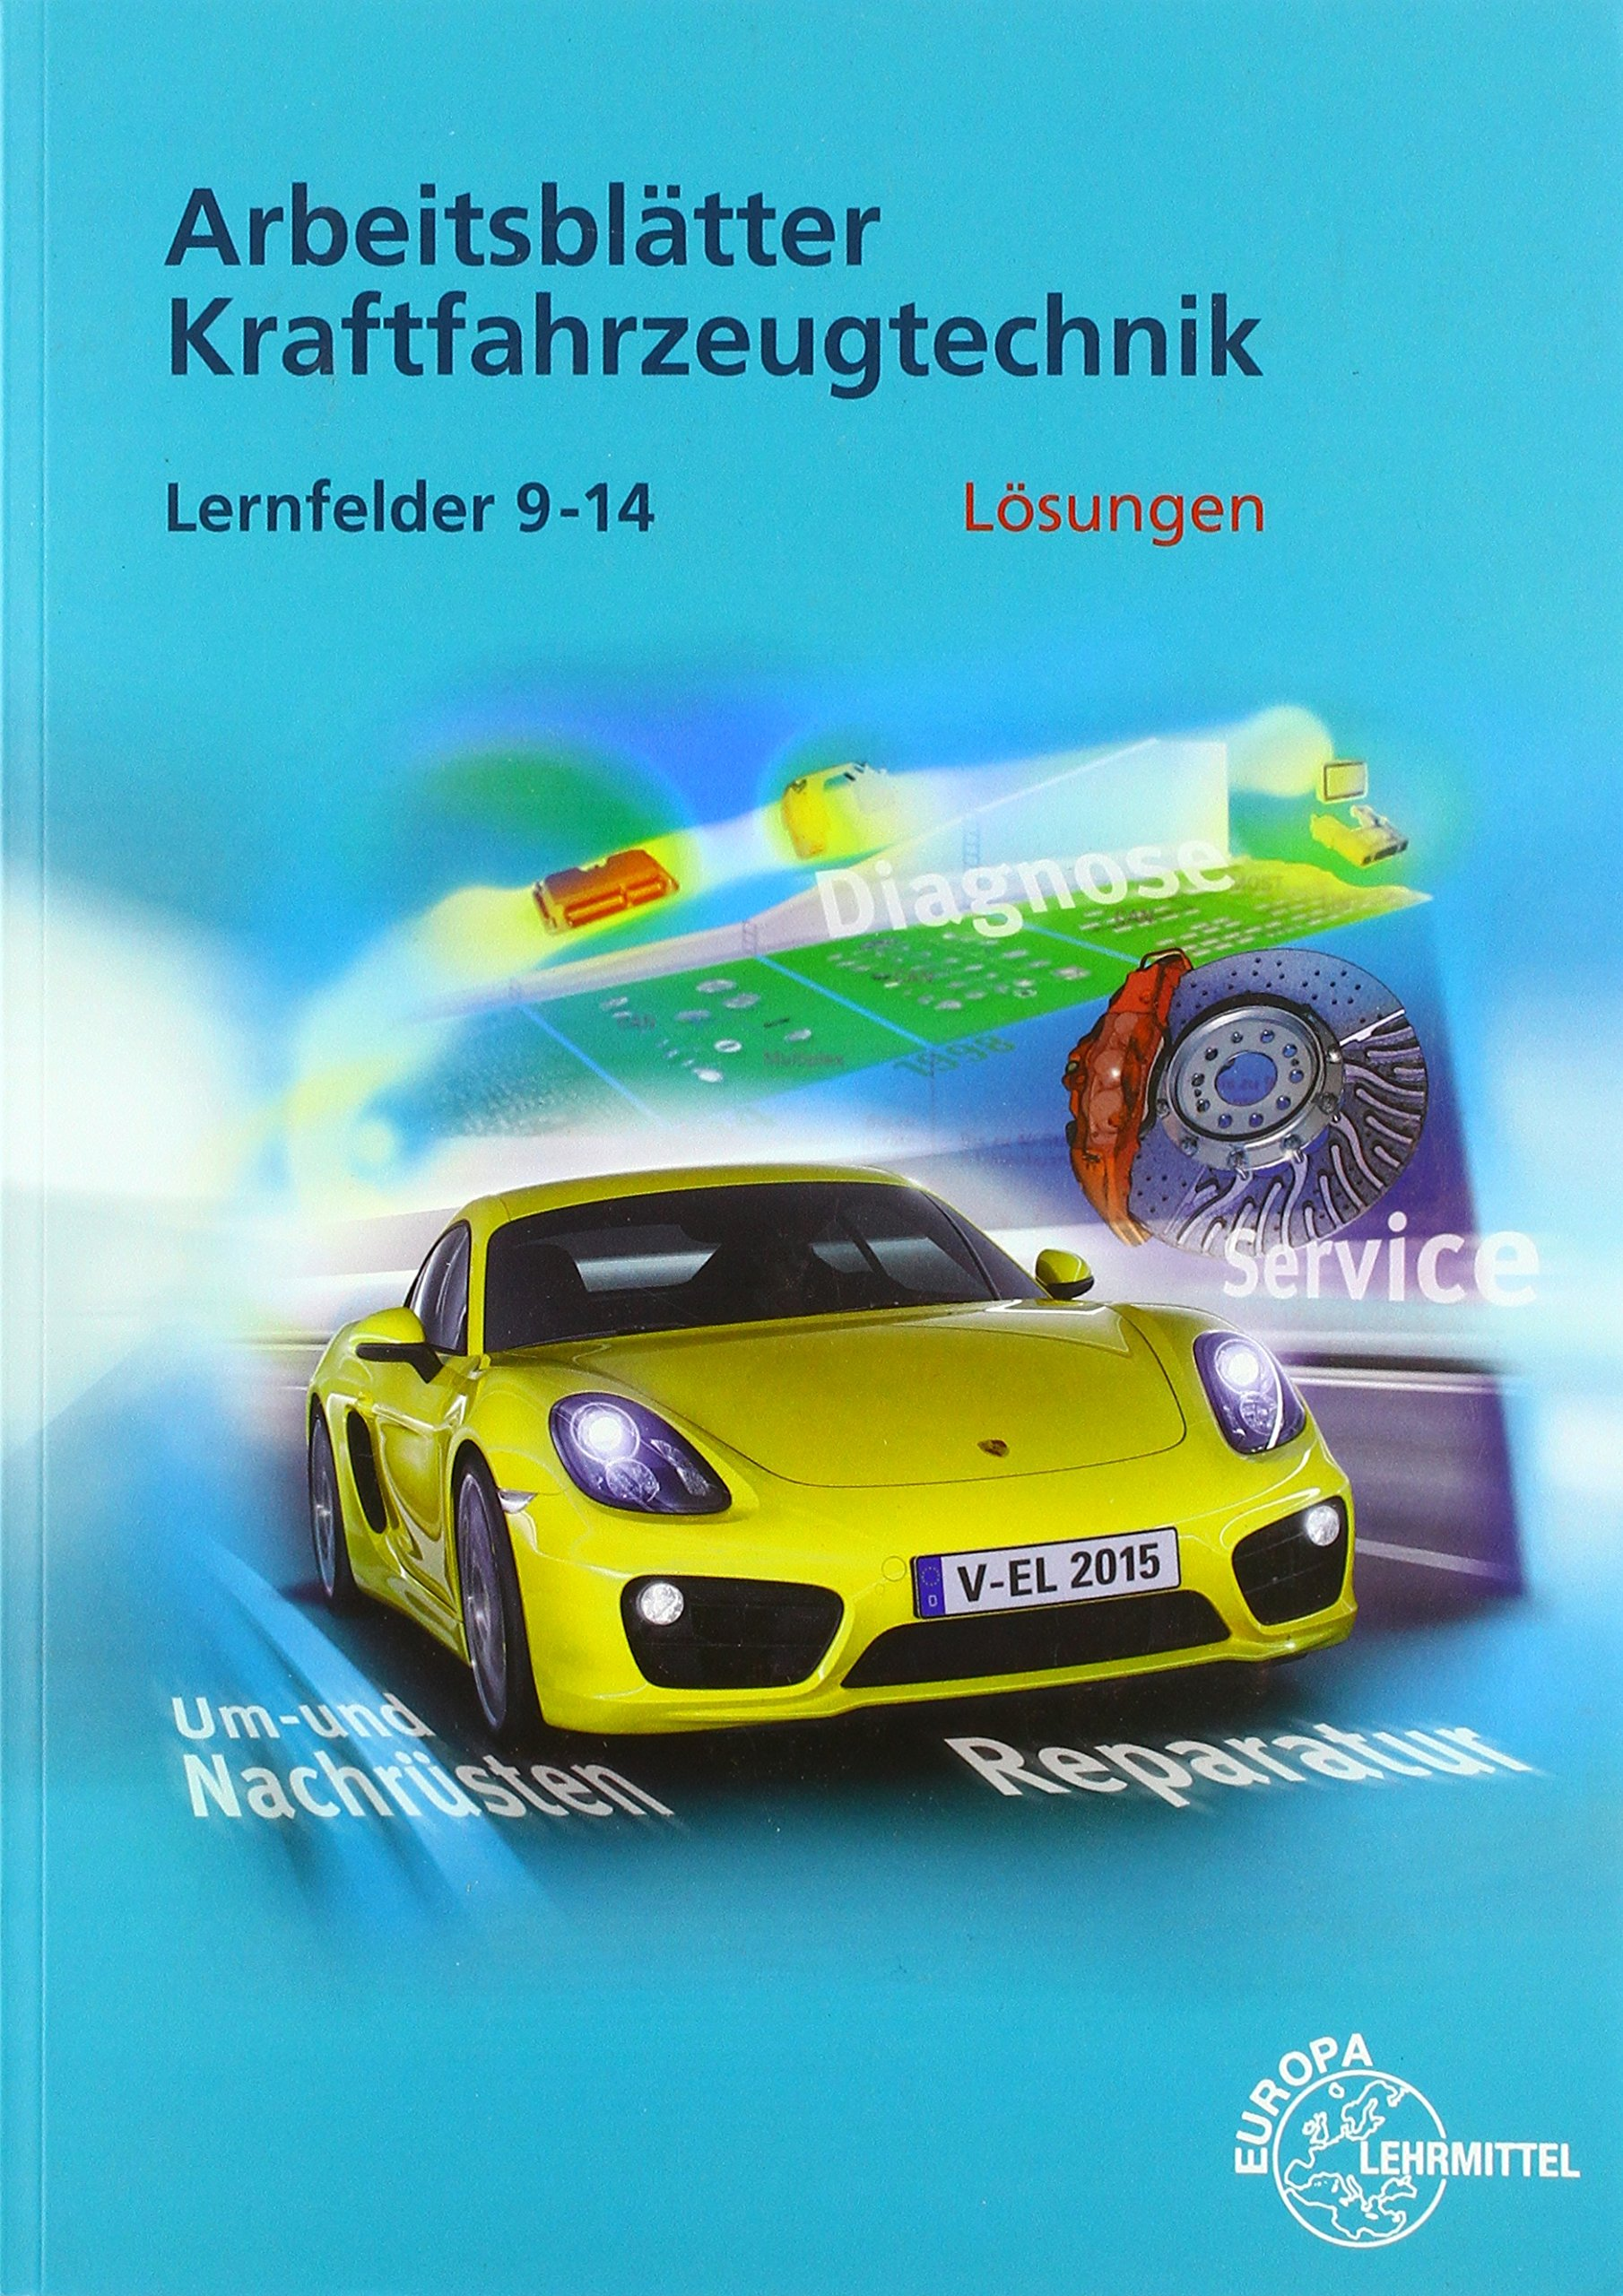 Lösungen zu 2281X: Lösungen Arbeitsblätter Kfz Lernfelder 9-14 ...